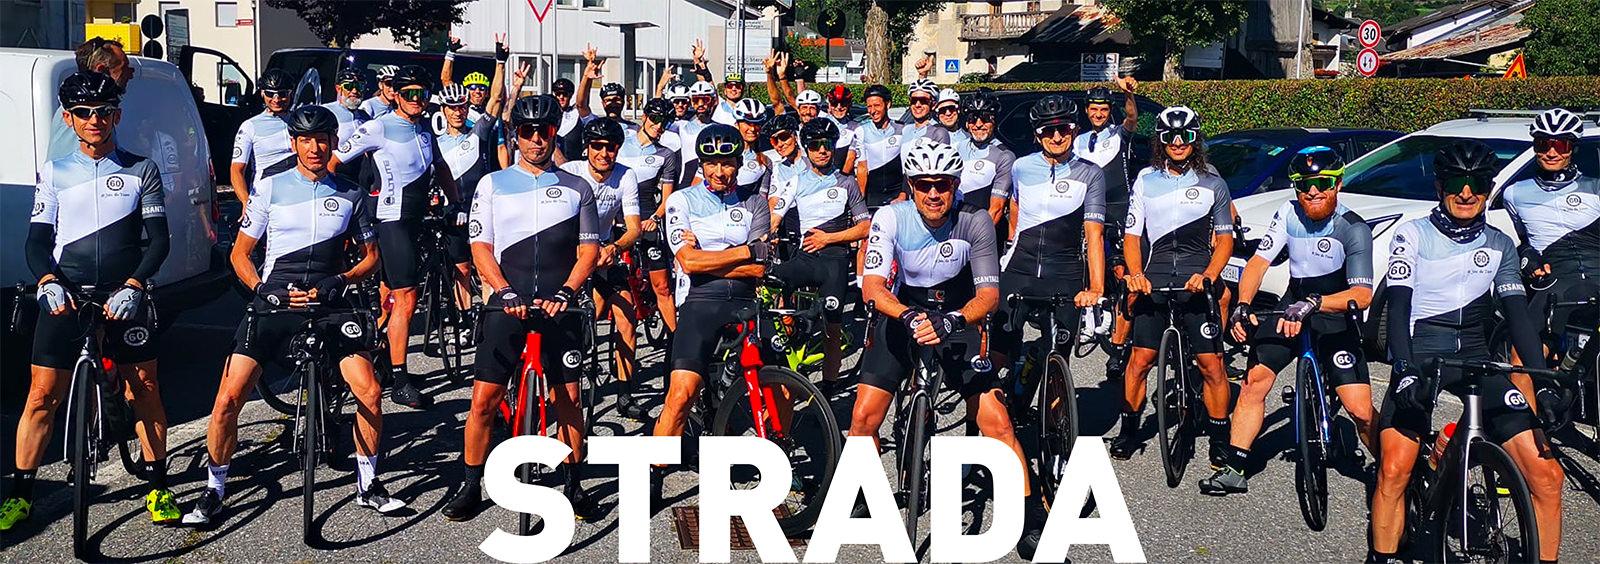 Team Strada 2021